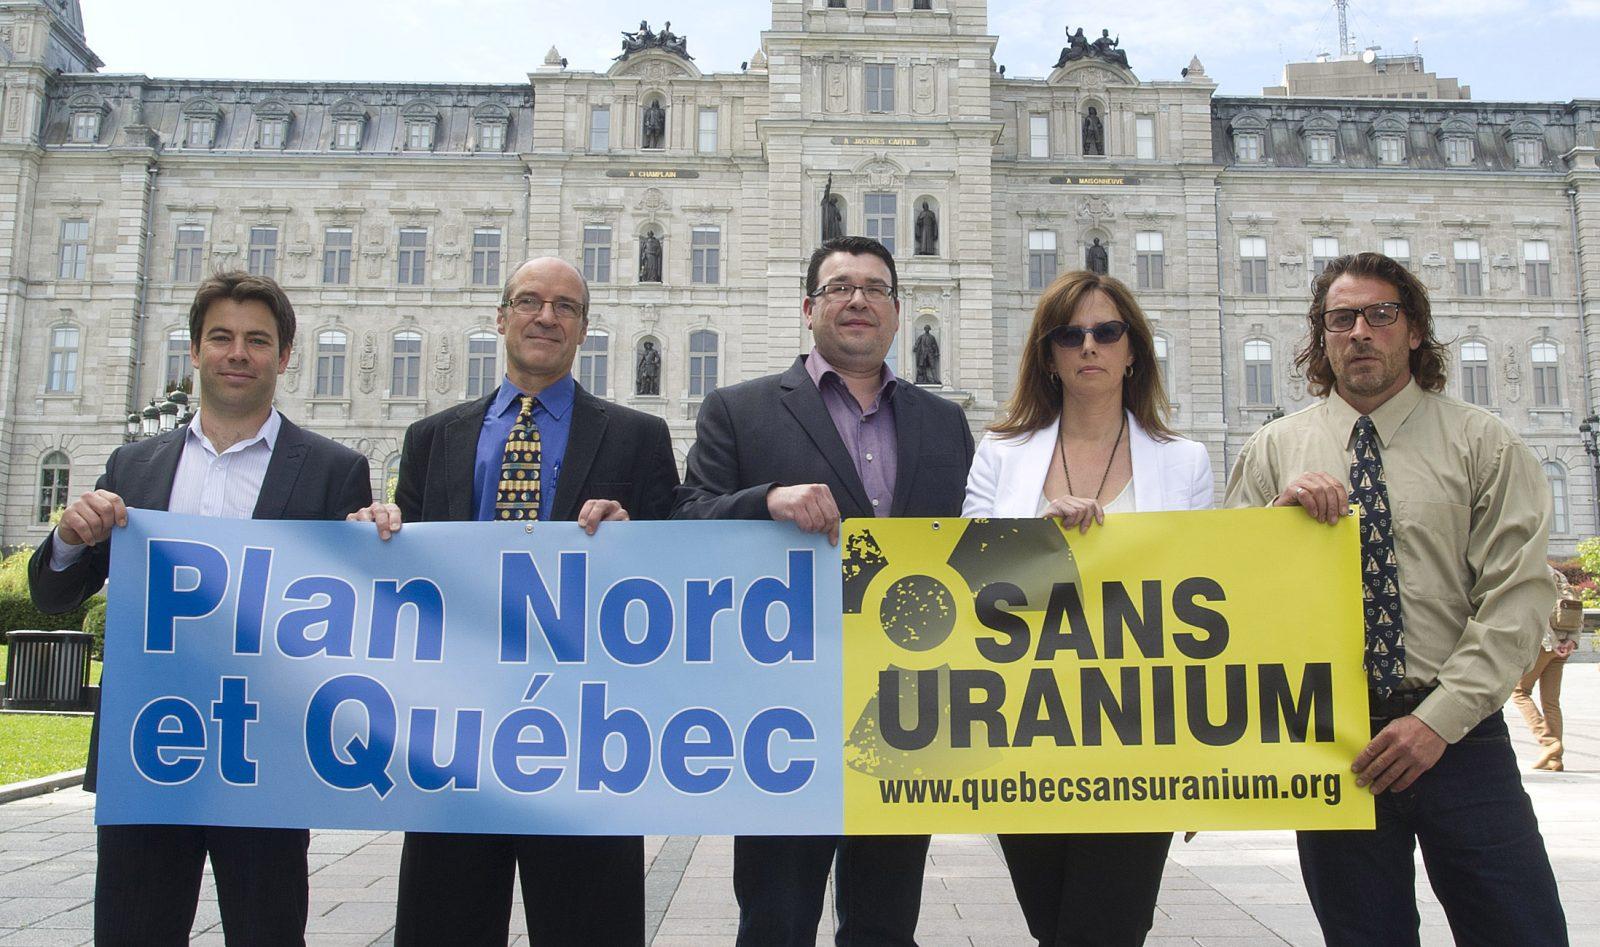 «Québec et Plan Nord sans uranium»: Les citoyens invités à faire connaître leurs préoccupations